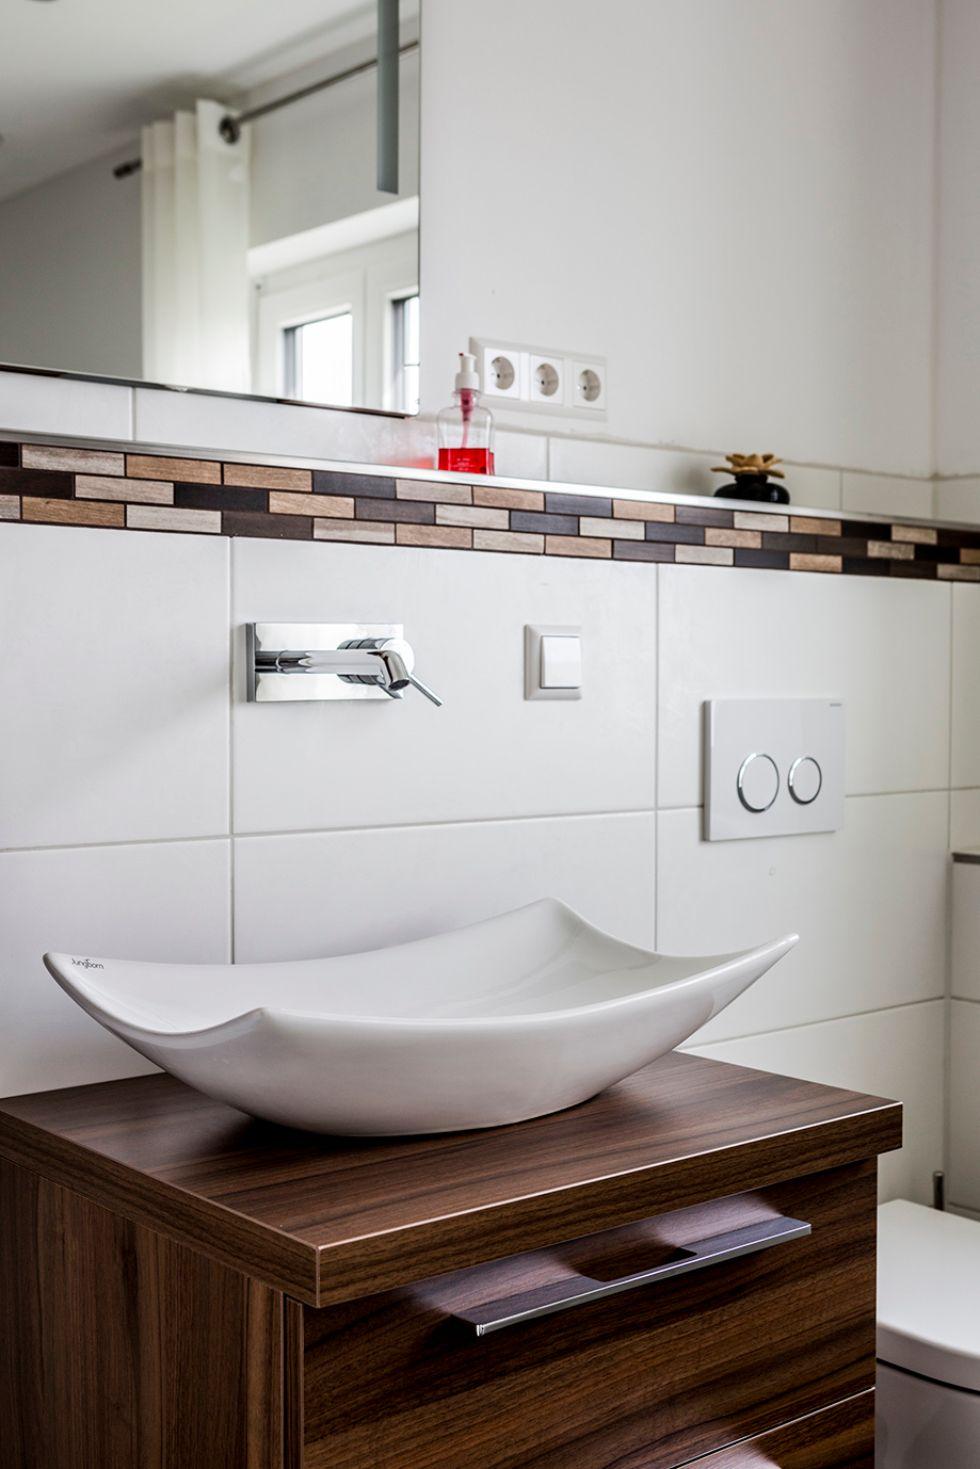 Waschbecken im schwungvollem Design